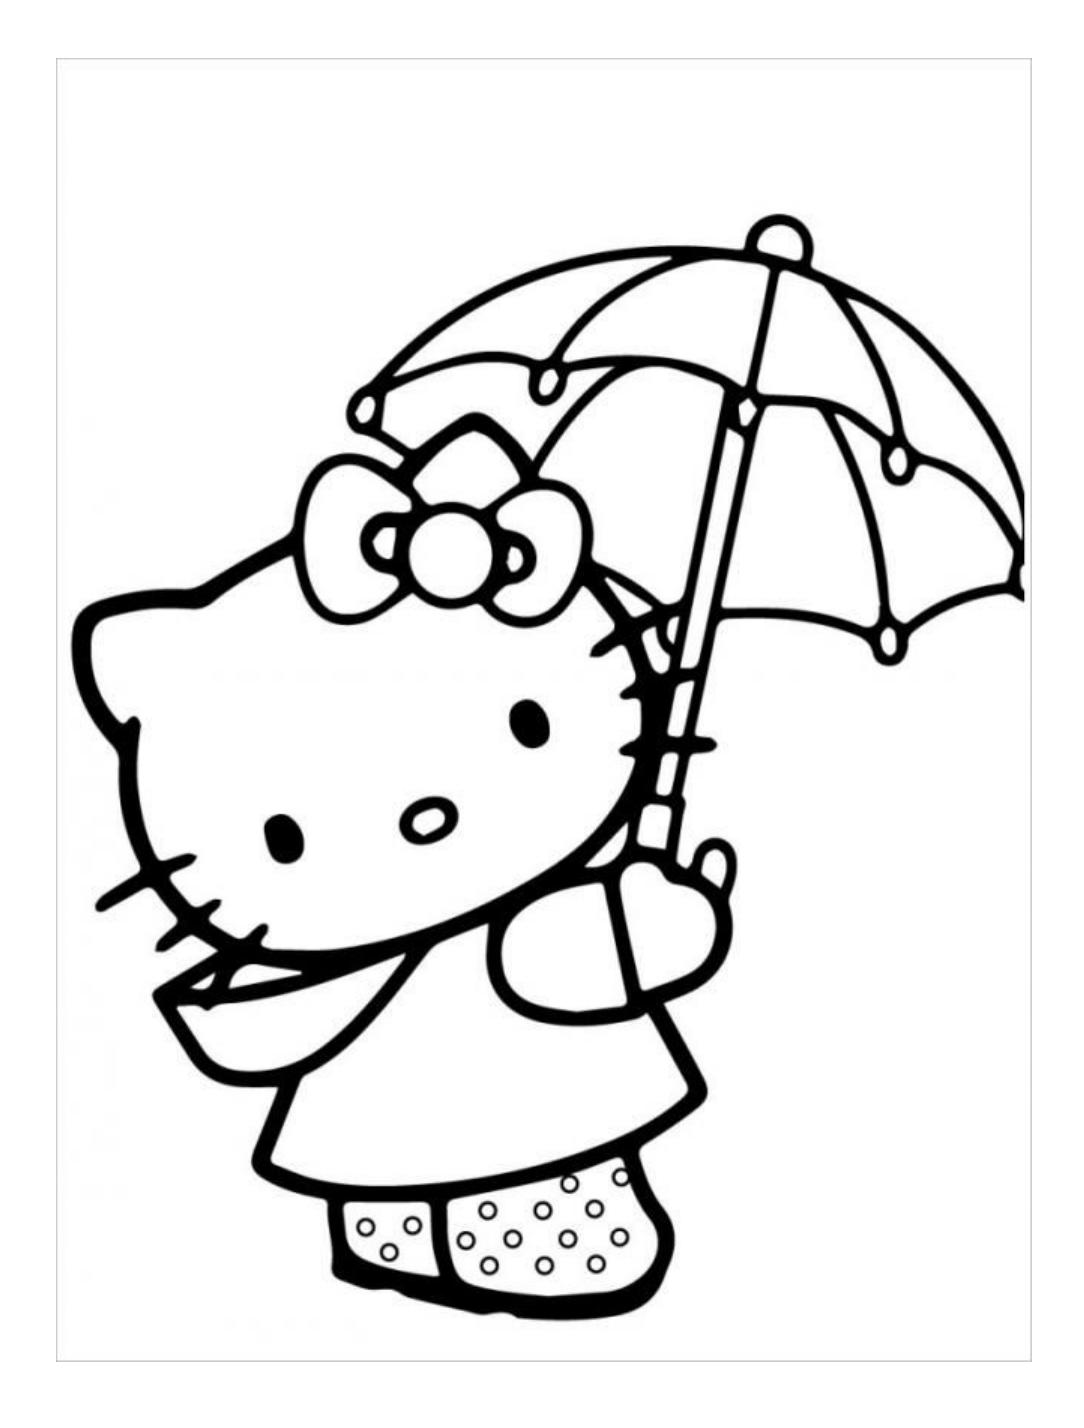 Tranh tô màu mèo Hello Kitty che ô